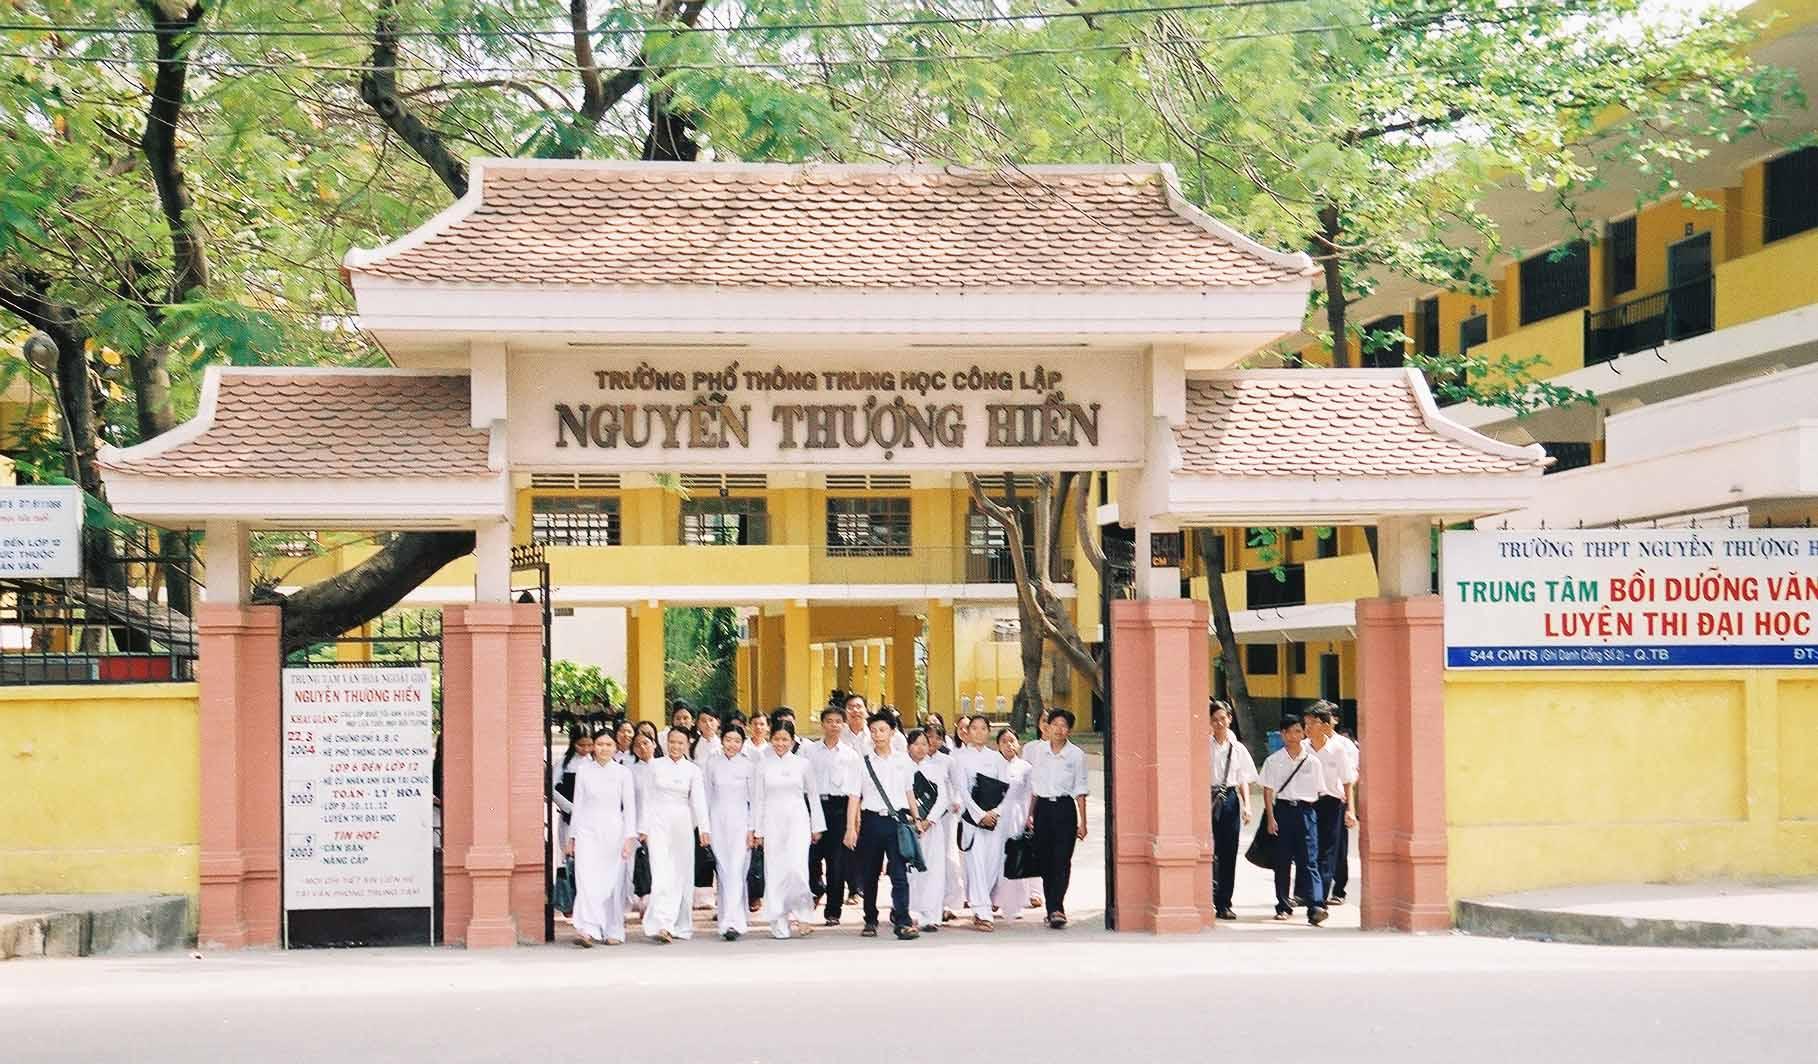 Cổng trường THPT Nguyễn Thượng Hiền - Tp Hồ Chí Minh